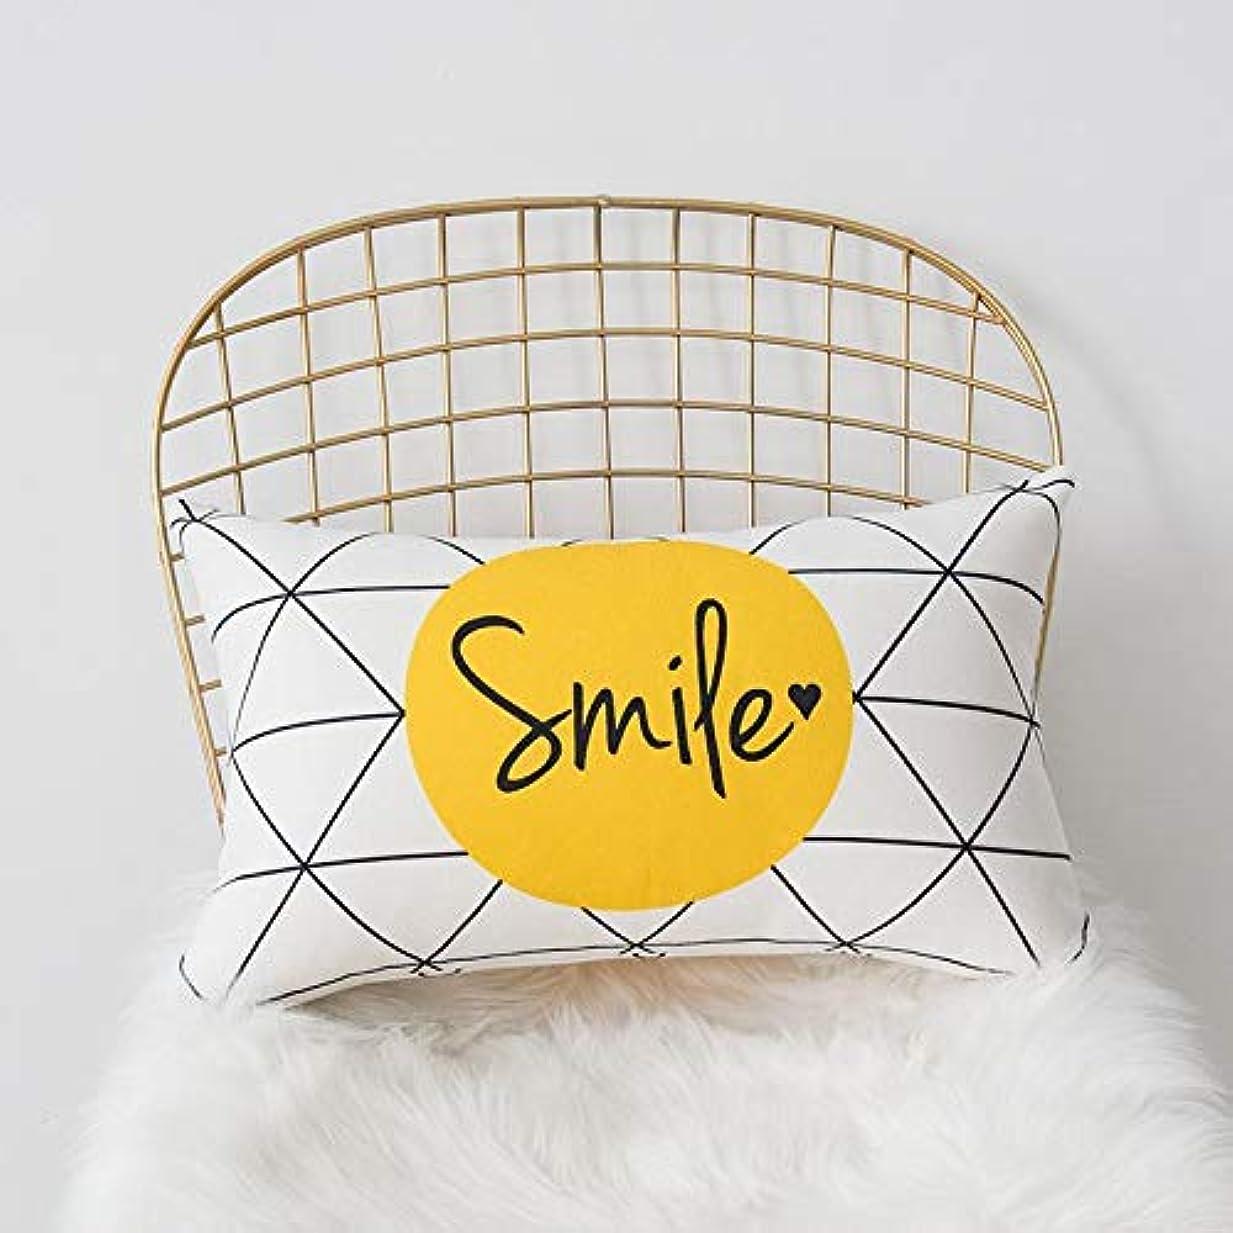 適応するペンフレンドおとなしいLIFE 黄色グレー枕北欧スタイル黄色ヘラジカ幾何枕リビングルームのインテリアソファクッション Cojines 装飾良質 クッション 椅子